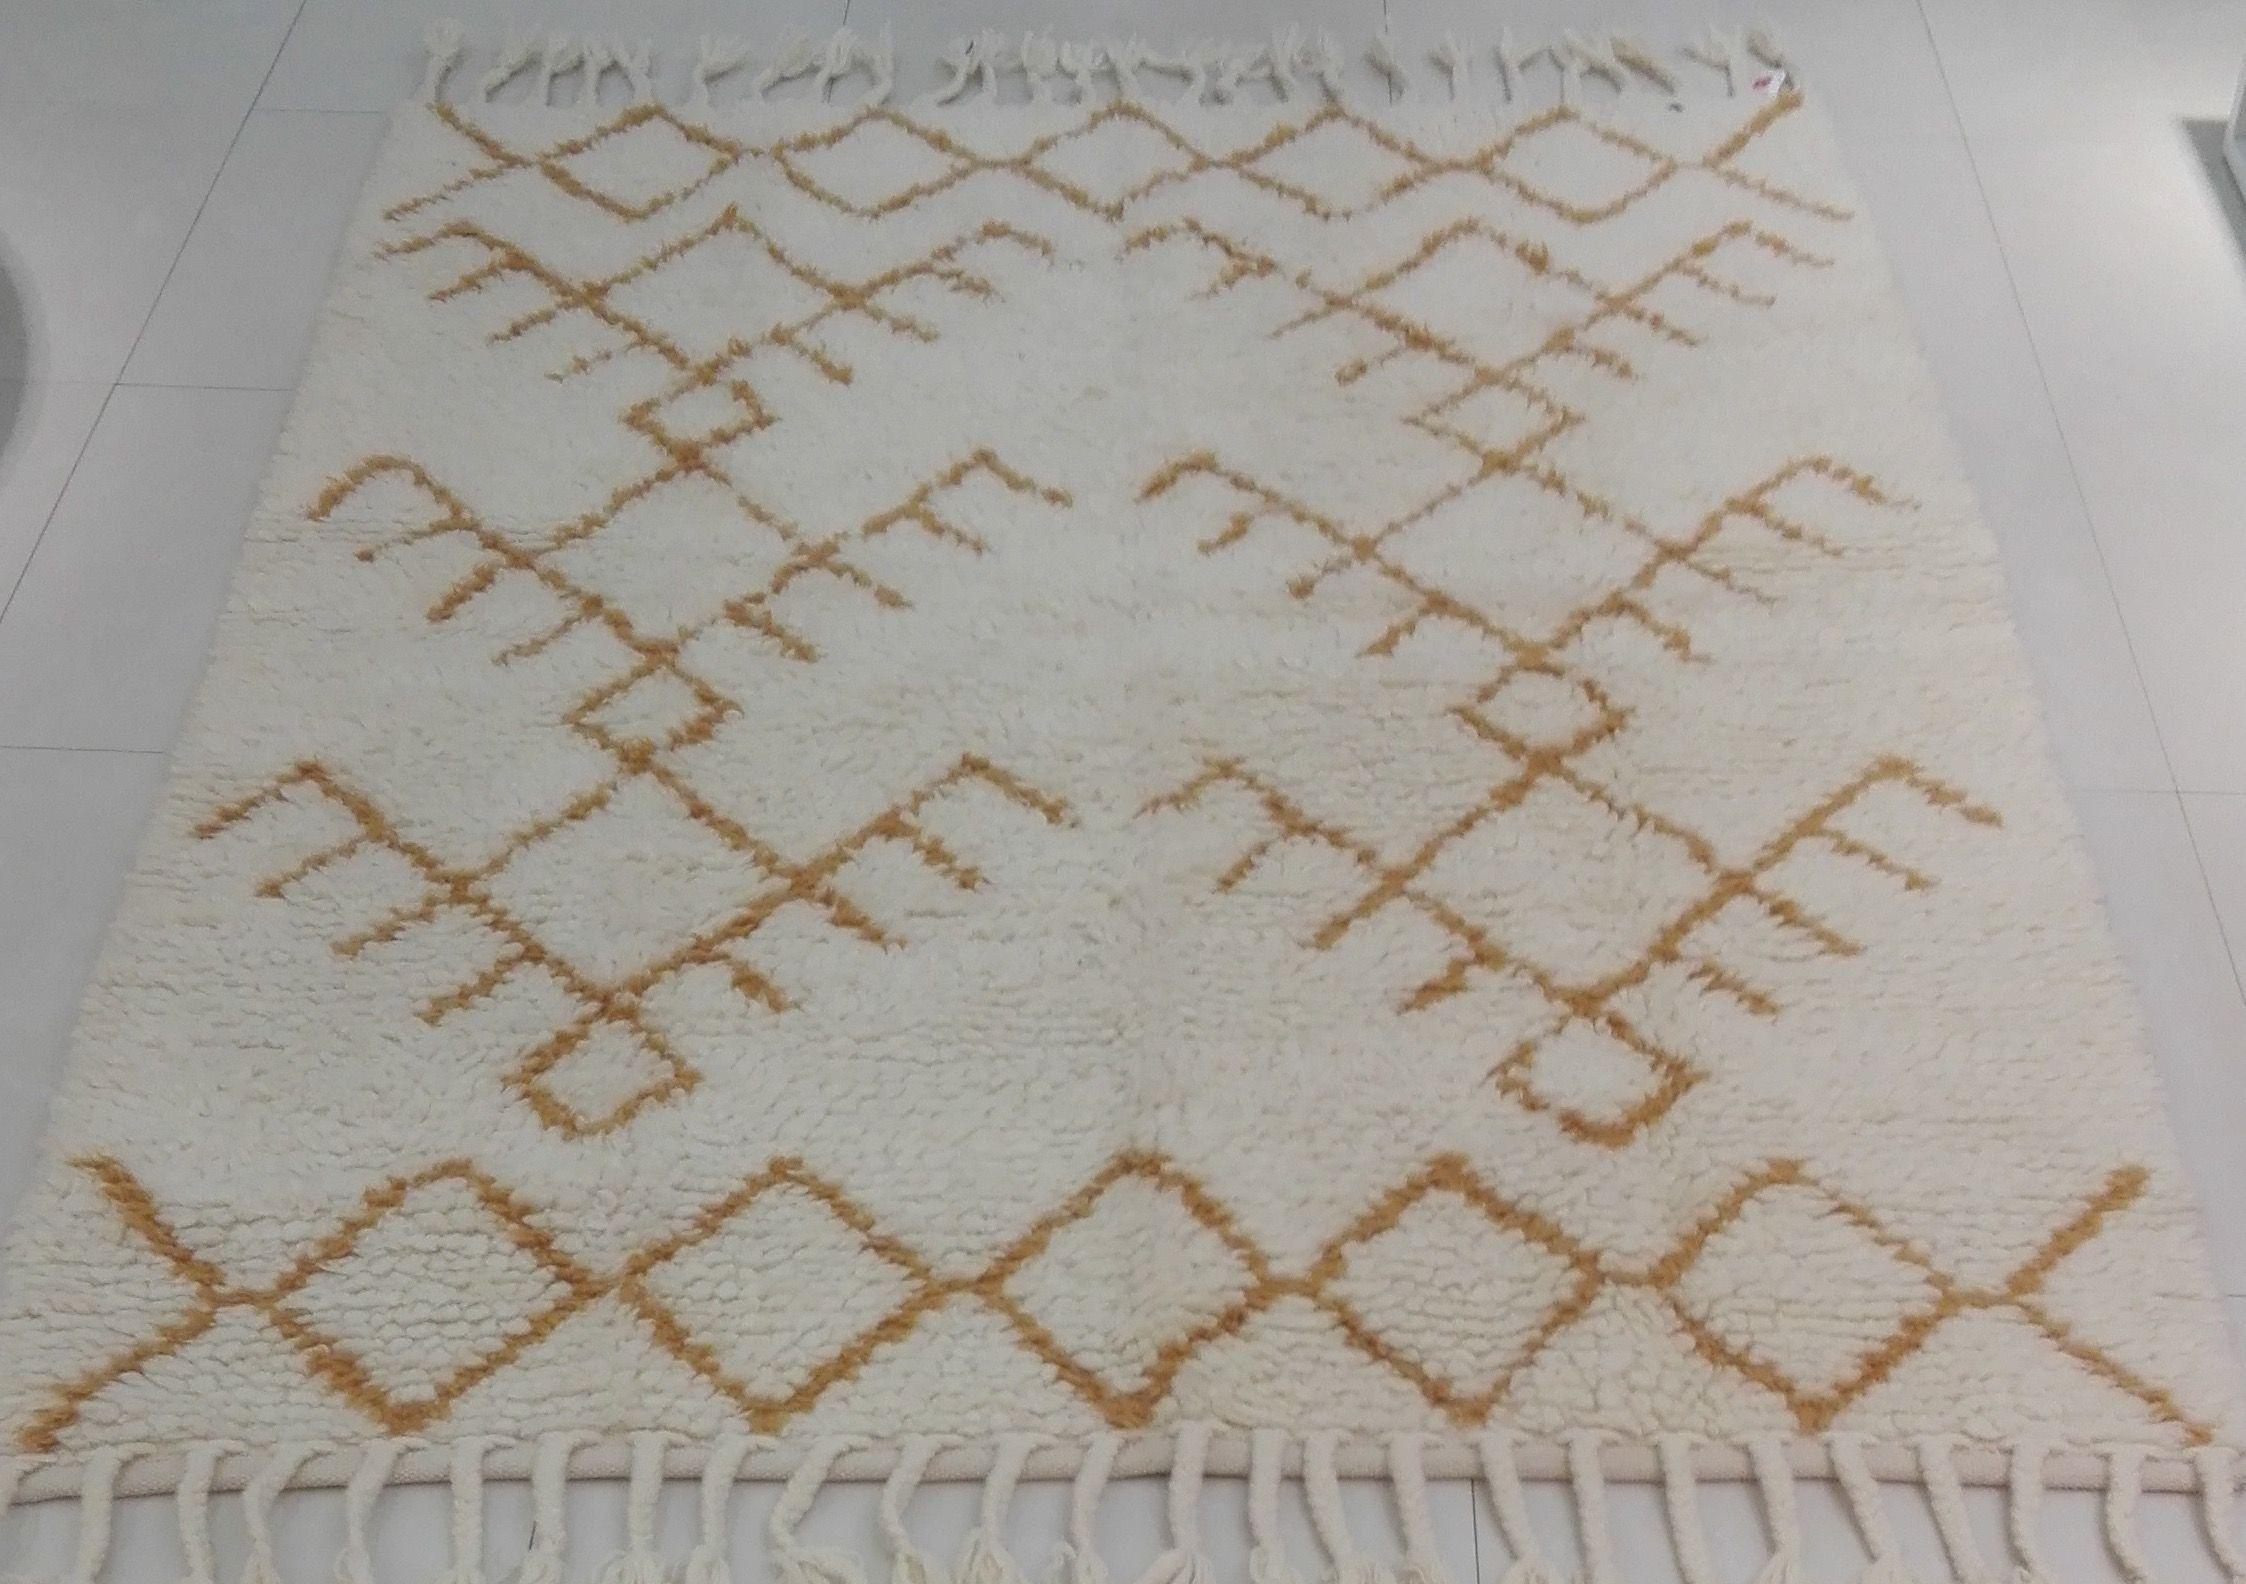 Alfombra 100% lana virgen -en blanco y ambar- anudada a mano por artesanos  en India con diseños marroquíes. Size: 150 x 200 cms / 59.05 x 78.74 inches. Price Upon Request ~ Preguntar el precio.